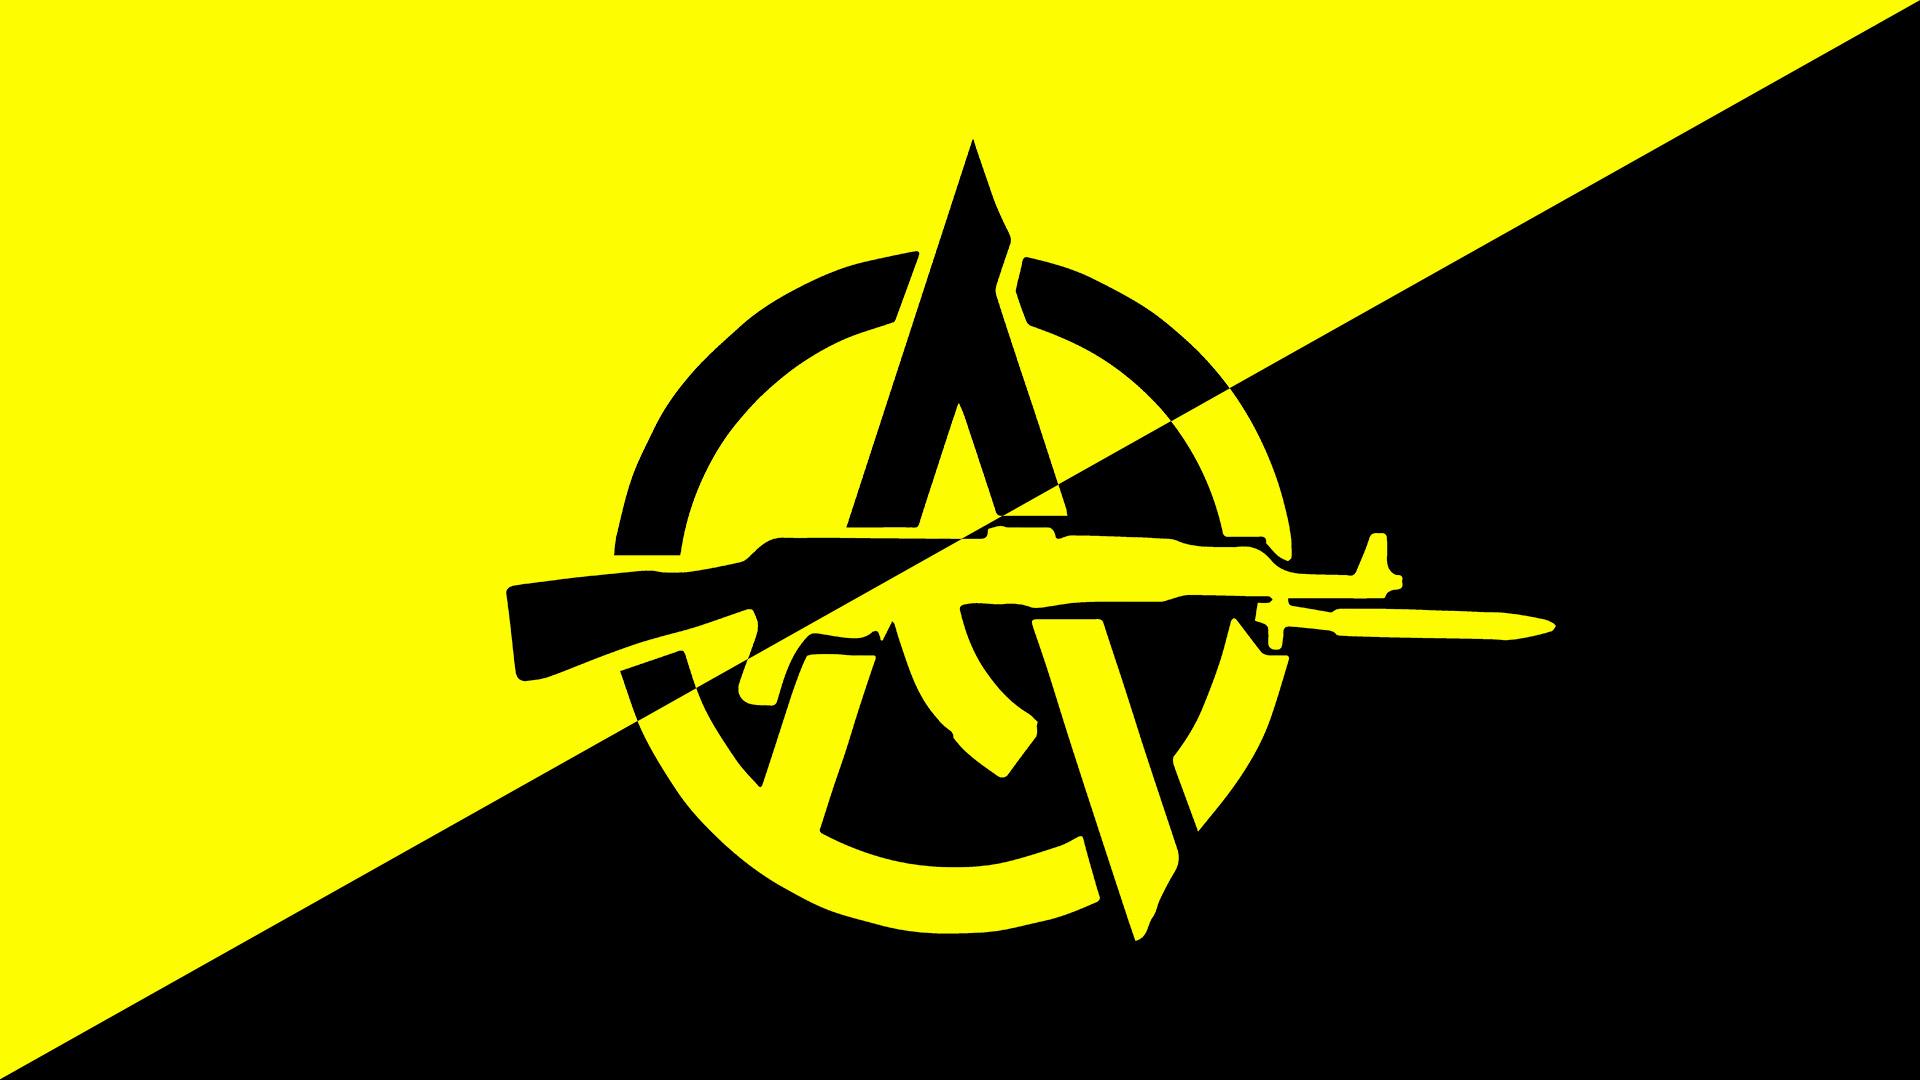 Anarcho-Capitalist